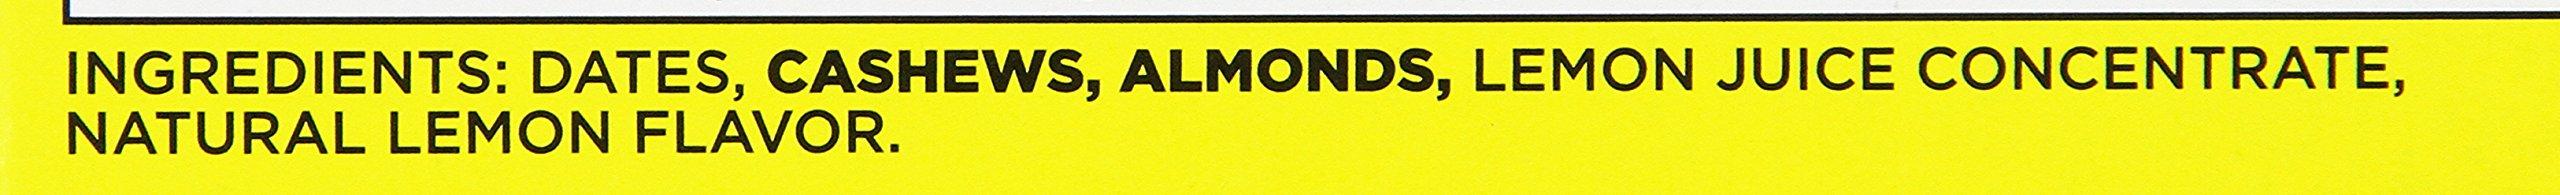 Larabar Gluten Free Bar, Lemon Bar, 1.8 oz Bars (16 Count) by LÄRABAR (Image #3)